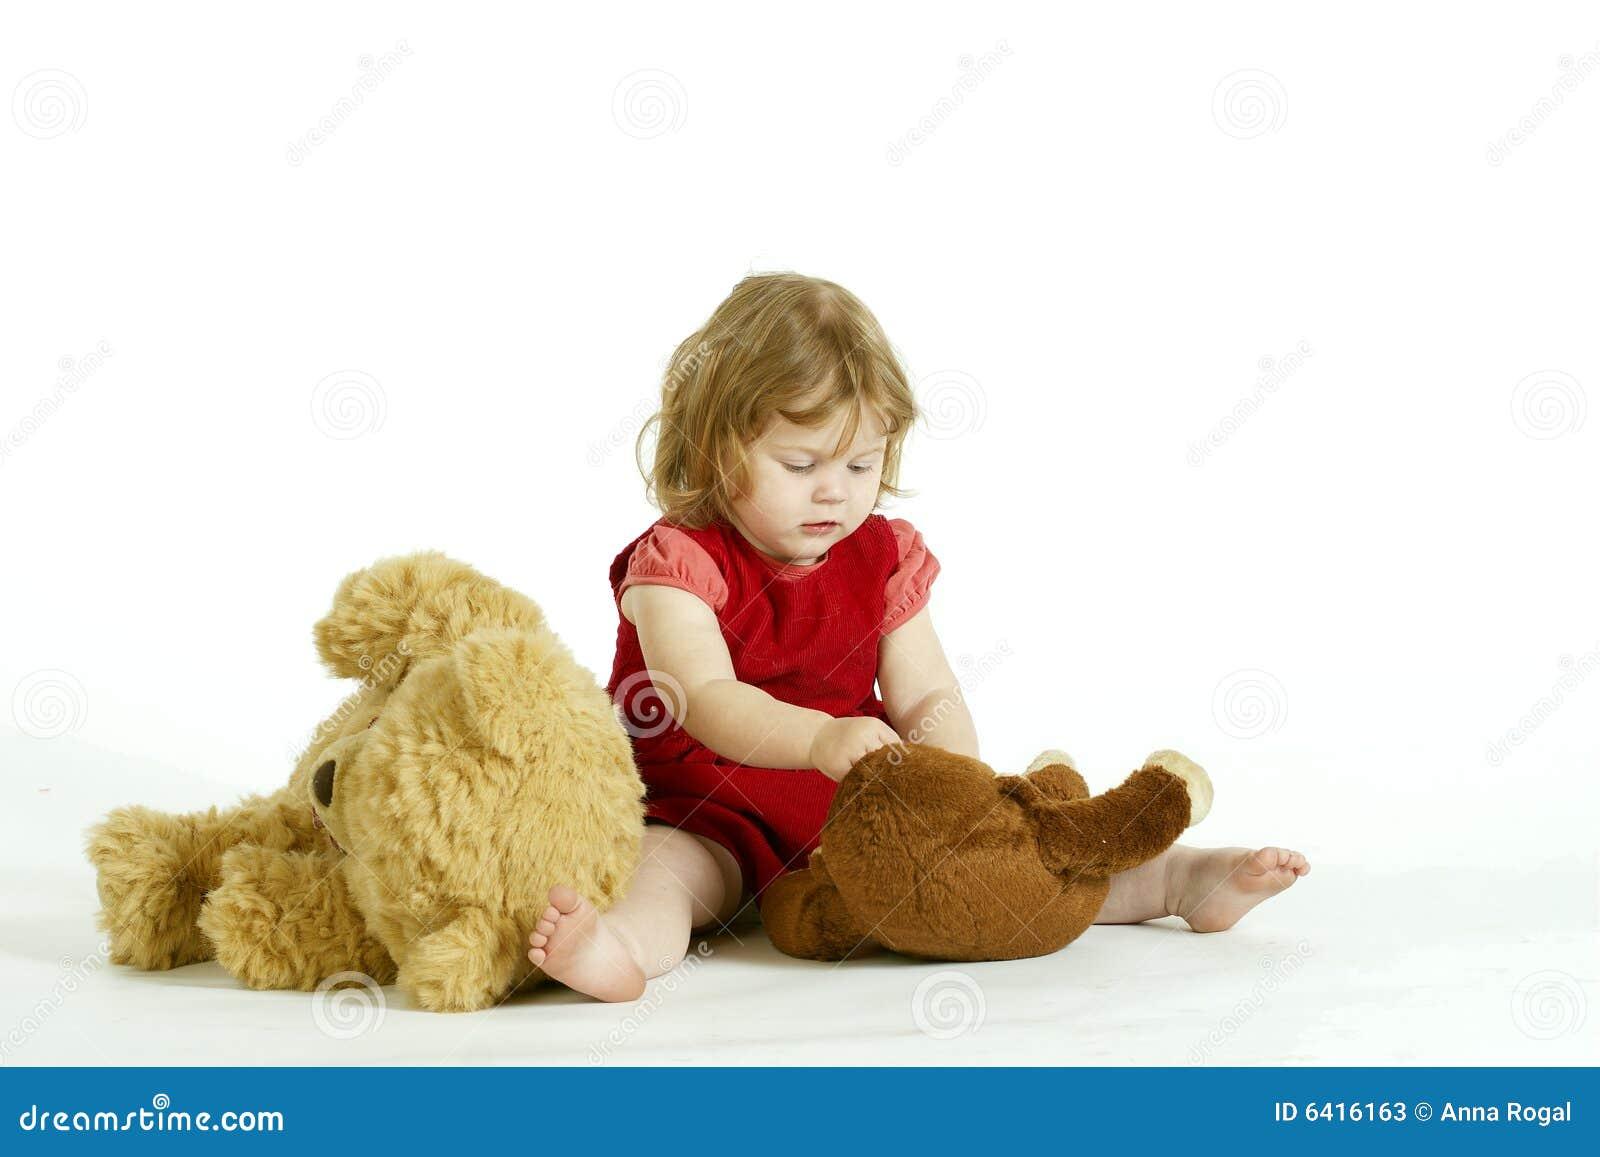 Das starke kleine Mädchen, das mit Plüsch zu spielt